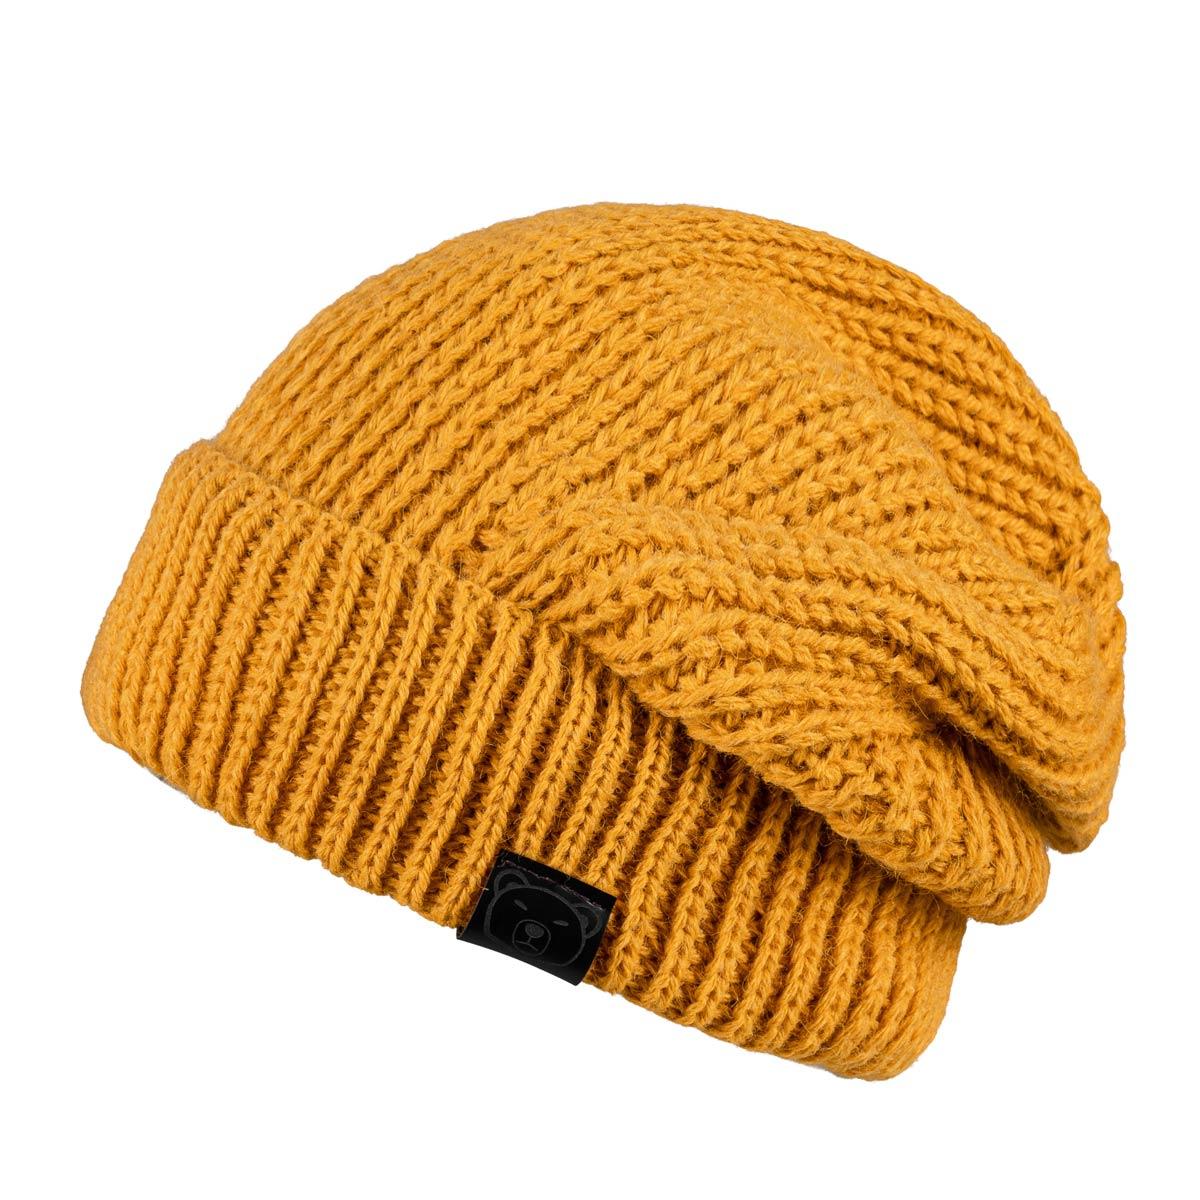 CP-01604-F12-bonnet-hiver-camel